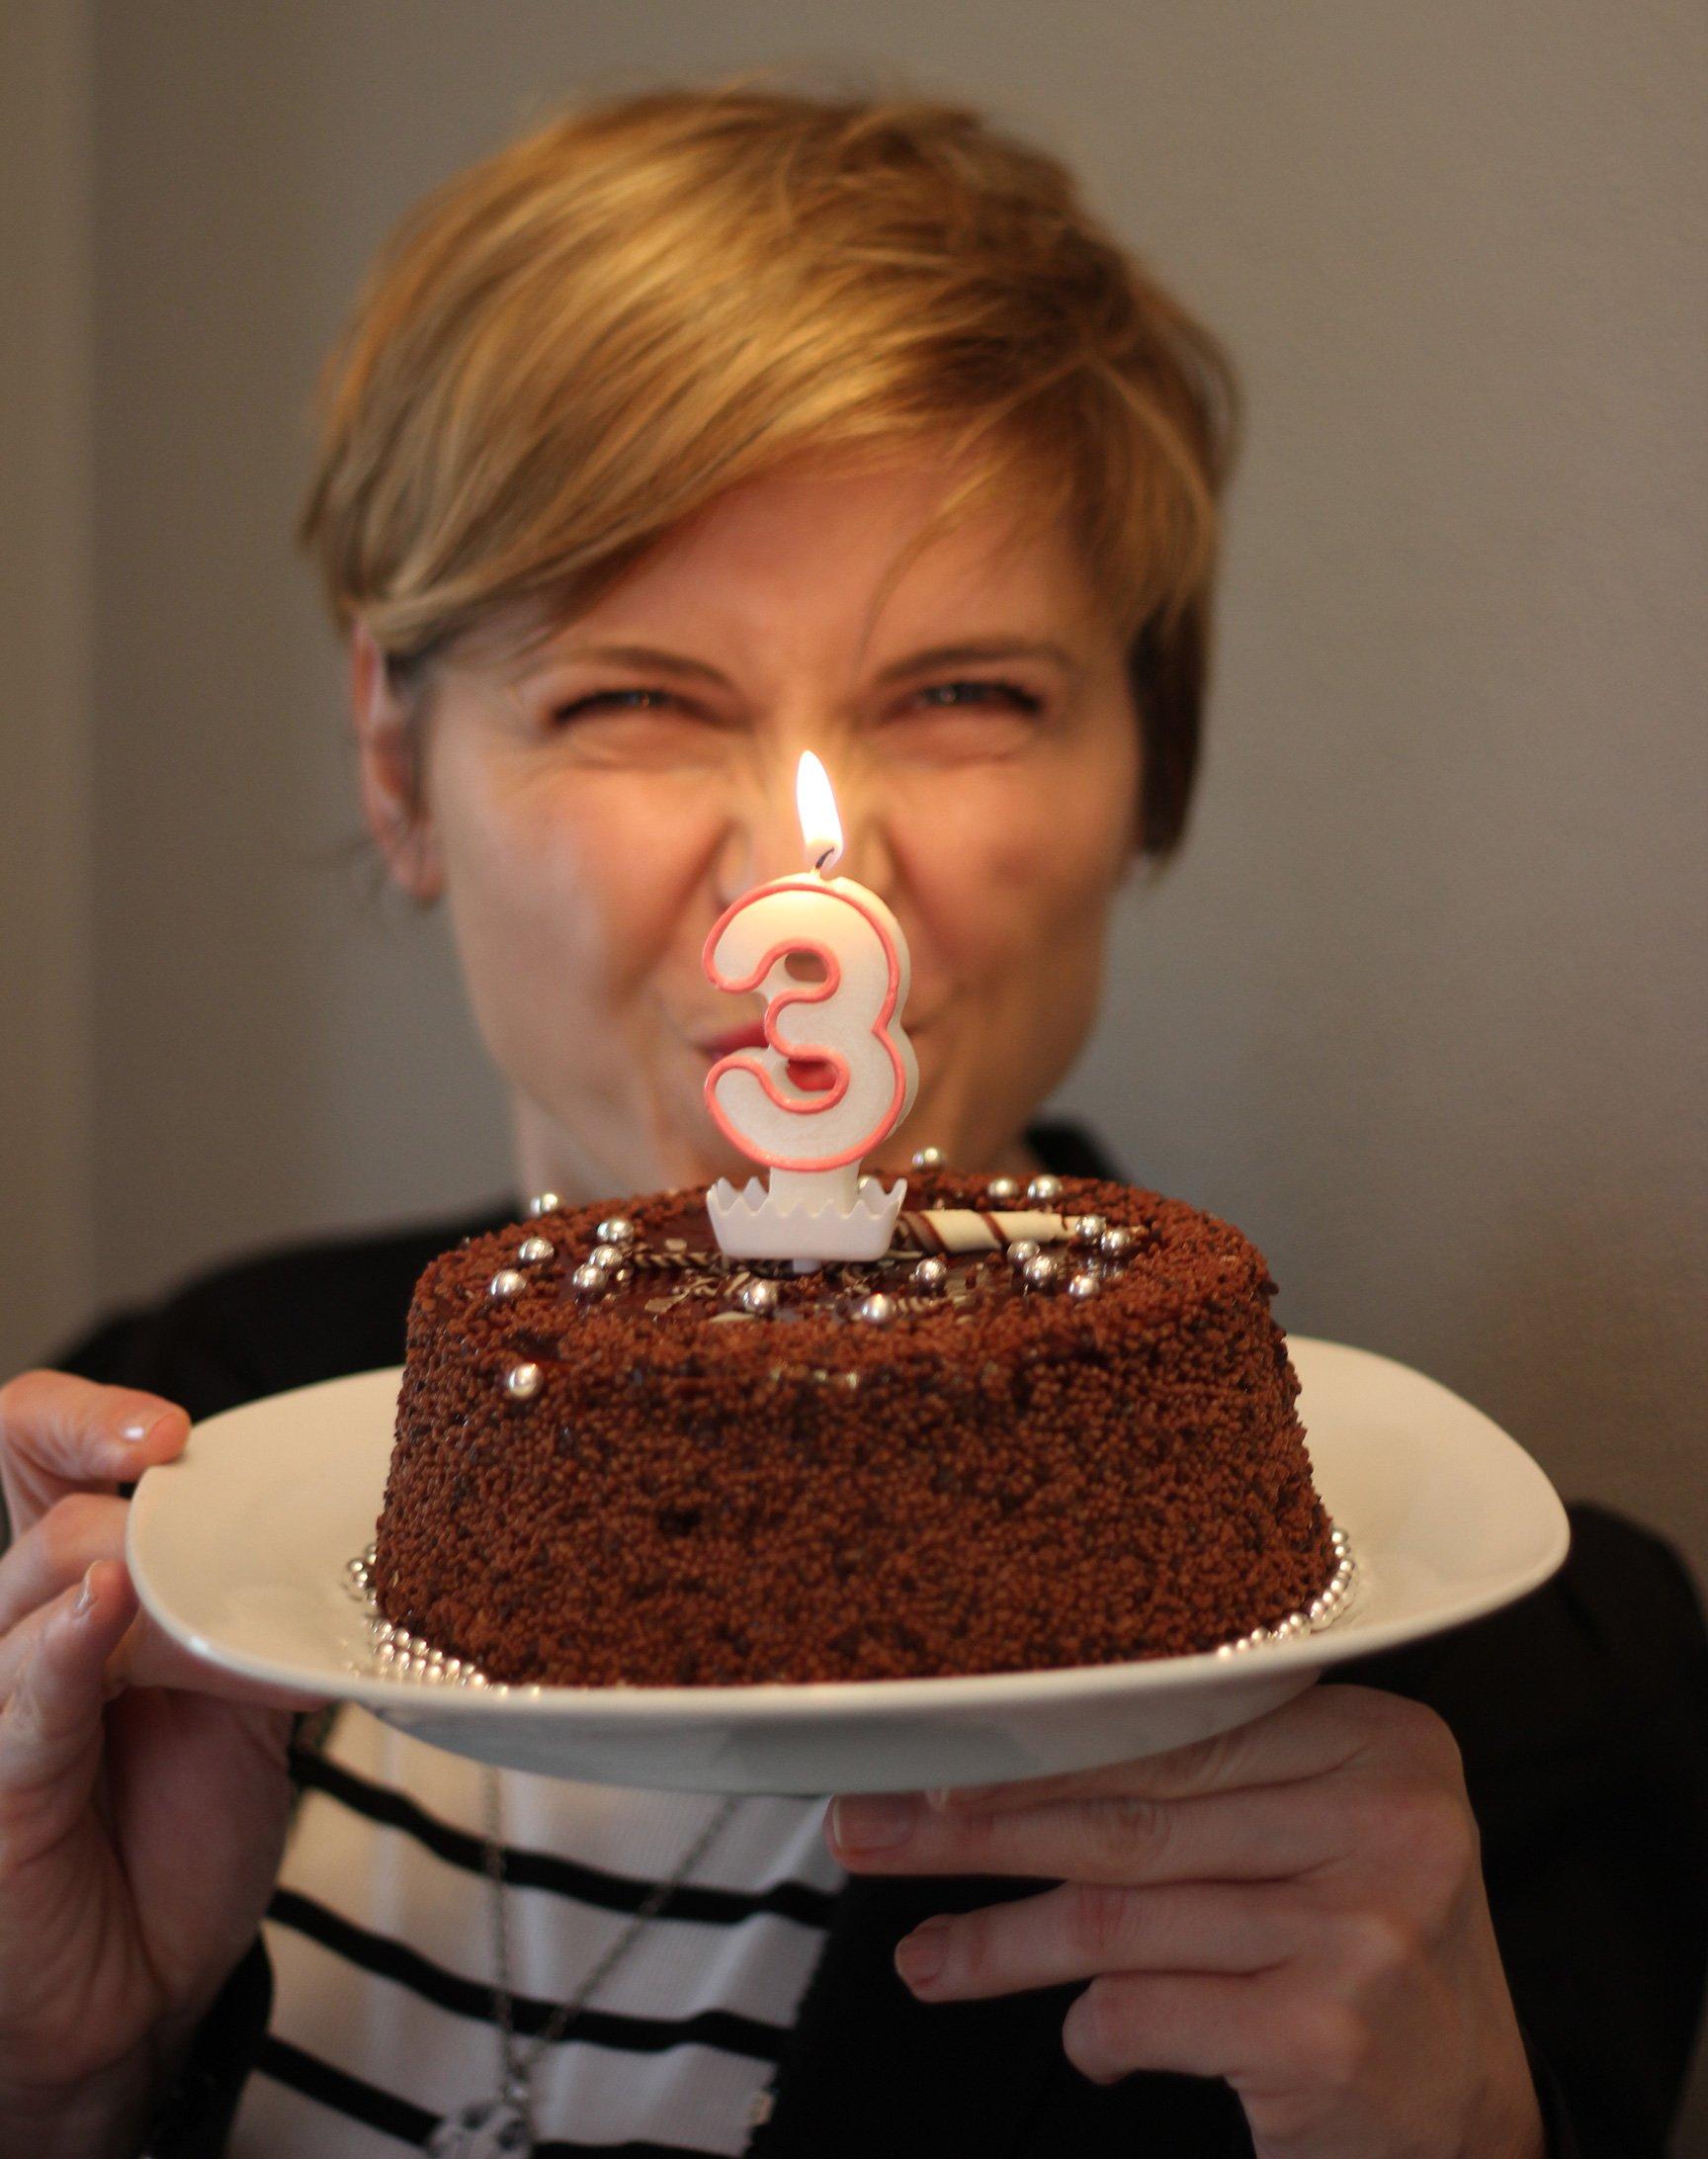 Bloggeburtstag, Kuchen, Kerze, Drei, Conny Doll